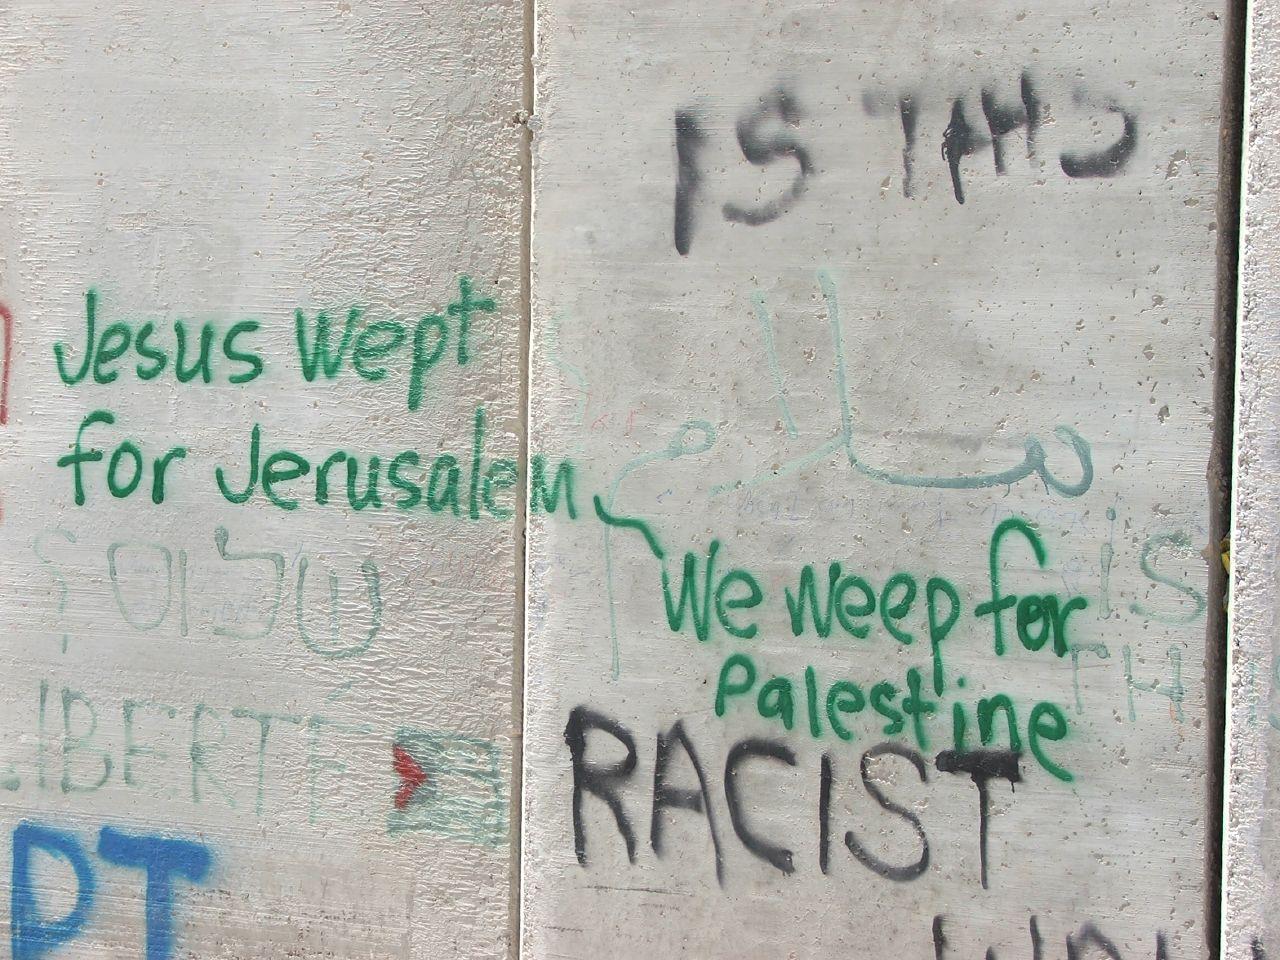 'Andiamo a Betlemme per vedere cosa vi sta accadendo'. Buon Natale dalla redazione di Infopal.